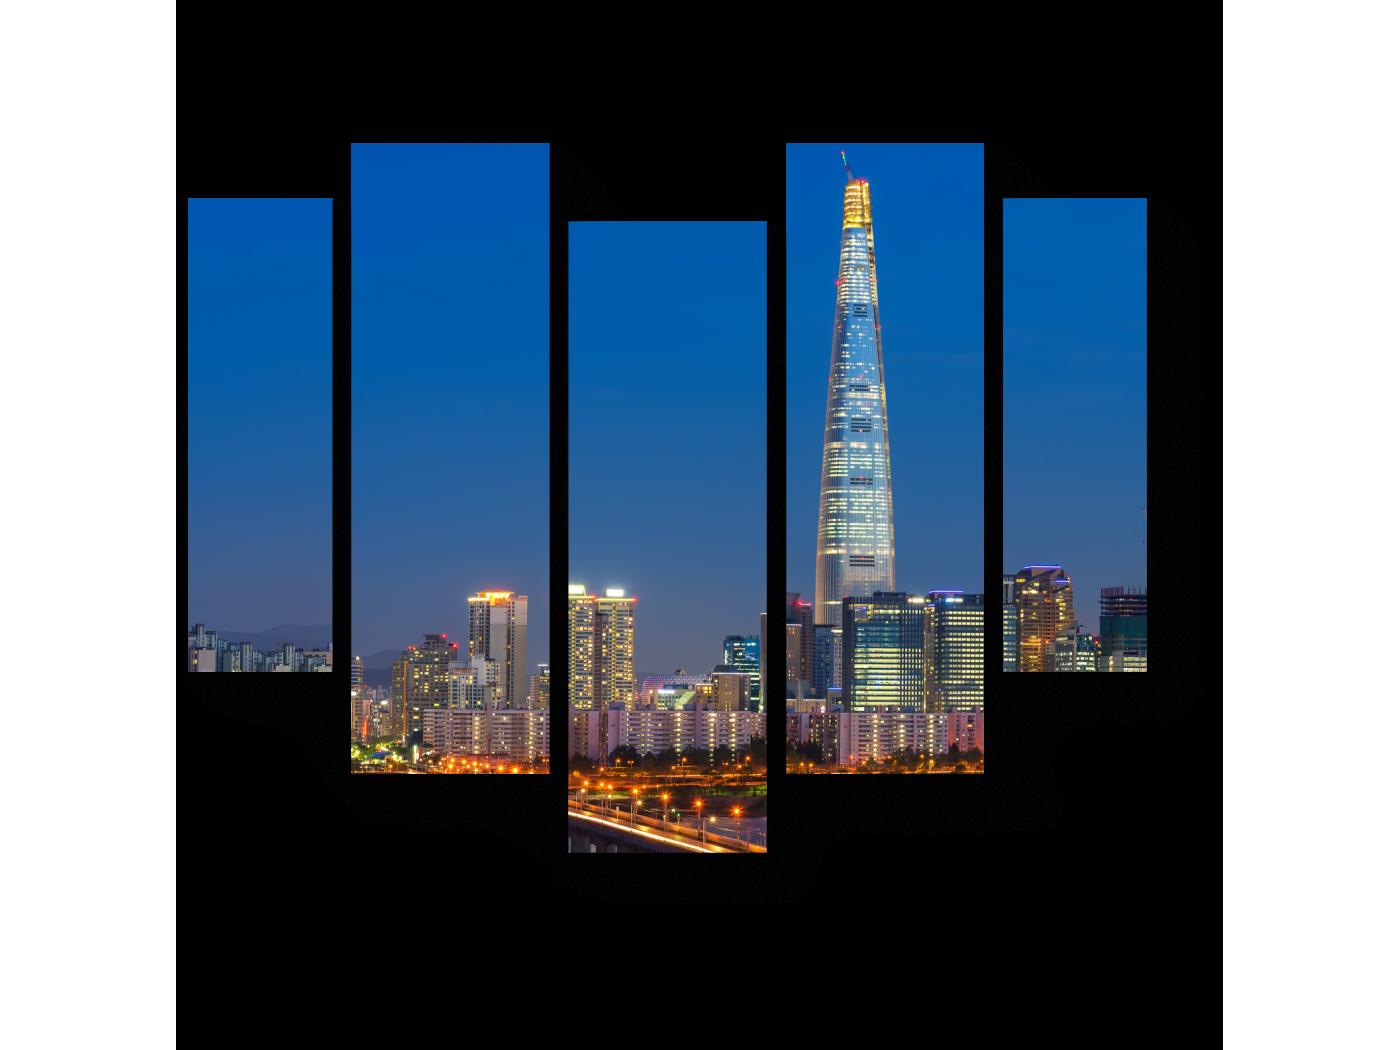 Модульная картина Сверкающий Сеул (101x82) фото